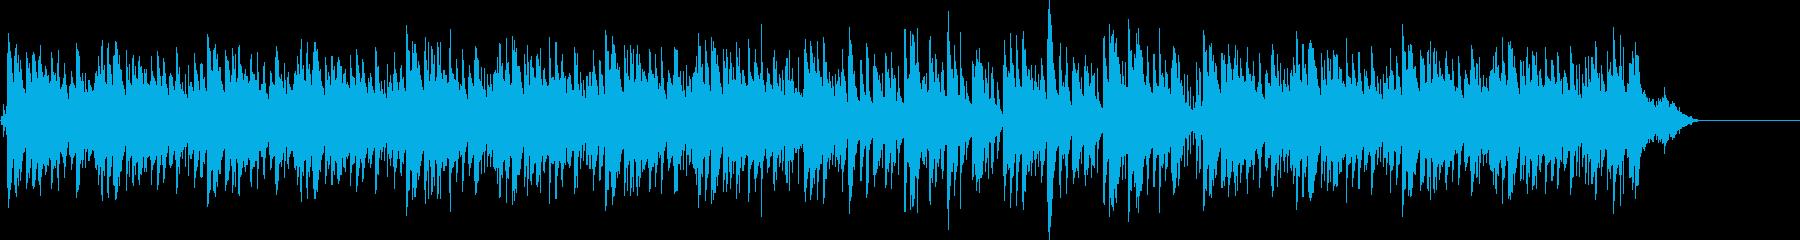 ポップな雰囲気のトロピカルなBGMの再生済みの波形